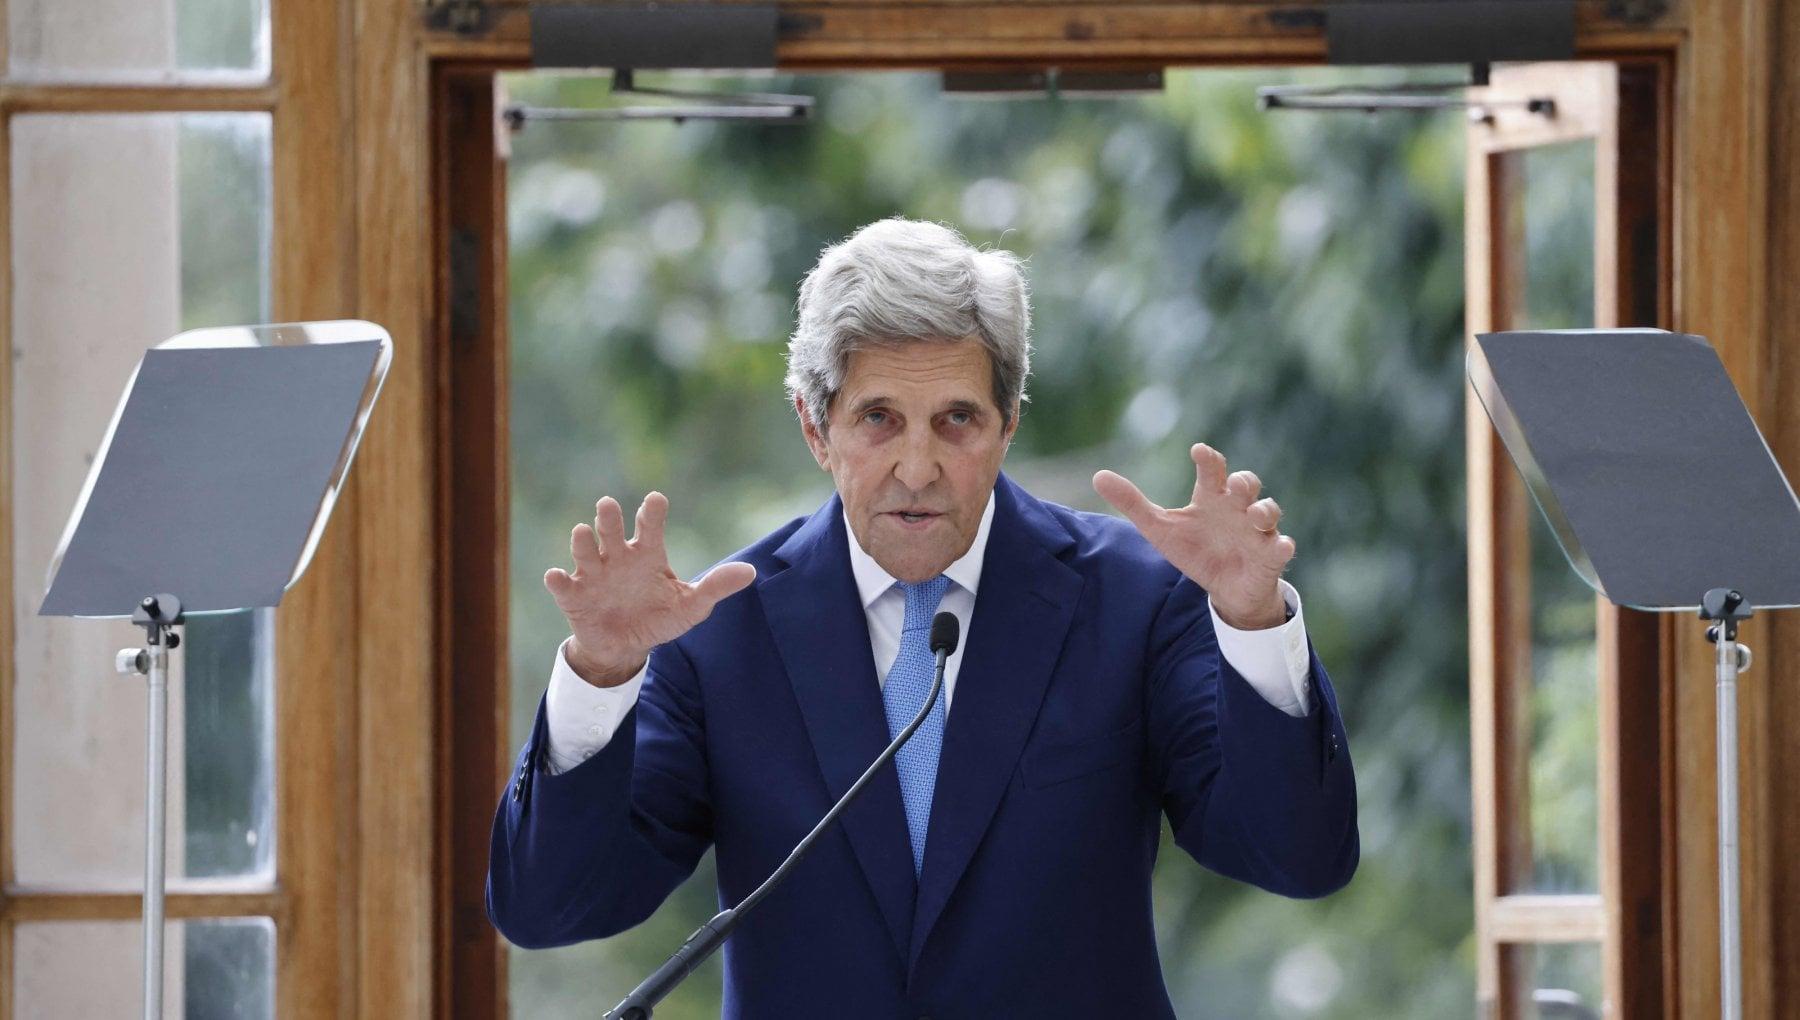 """220534266 cee29563 2991 4dc4 83bf 1724bbfed74e - Clima, l'appello di Kerry: """"Sciogliamo il reciproco patto suicida, con Pechino serve un nuovo Piano Marshall"""""""